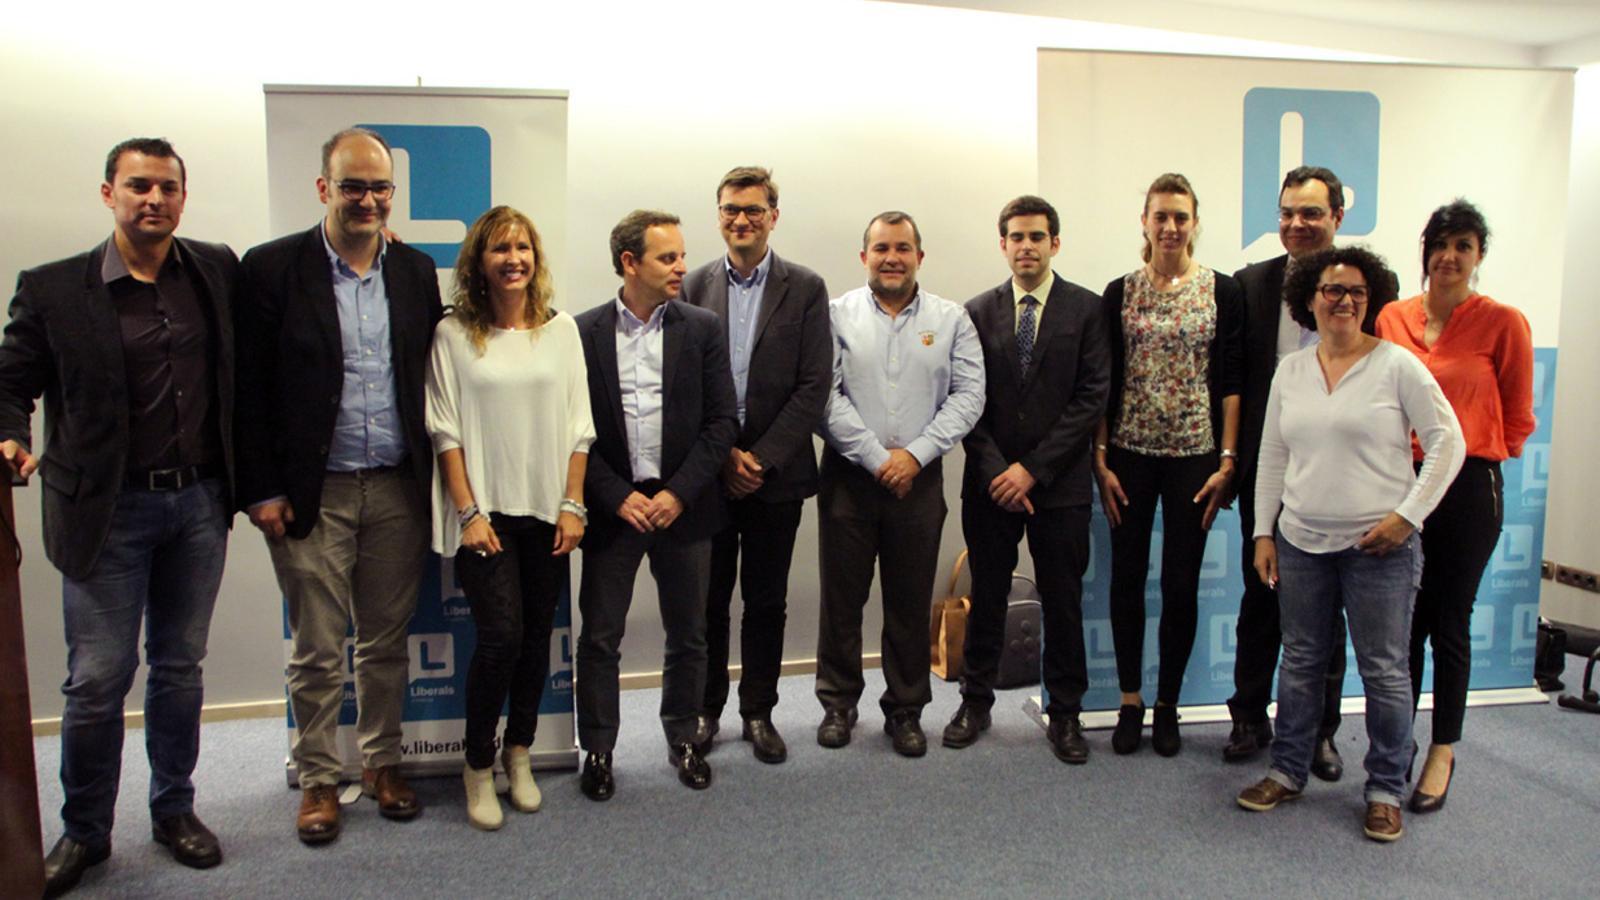 La nova executiva de Liberals d'Andorra, en una foto del 2015. / M. T.